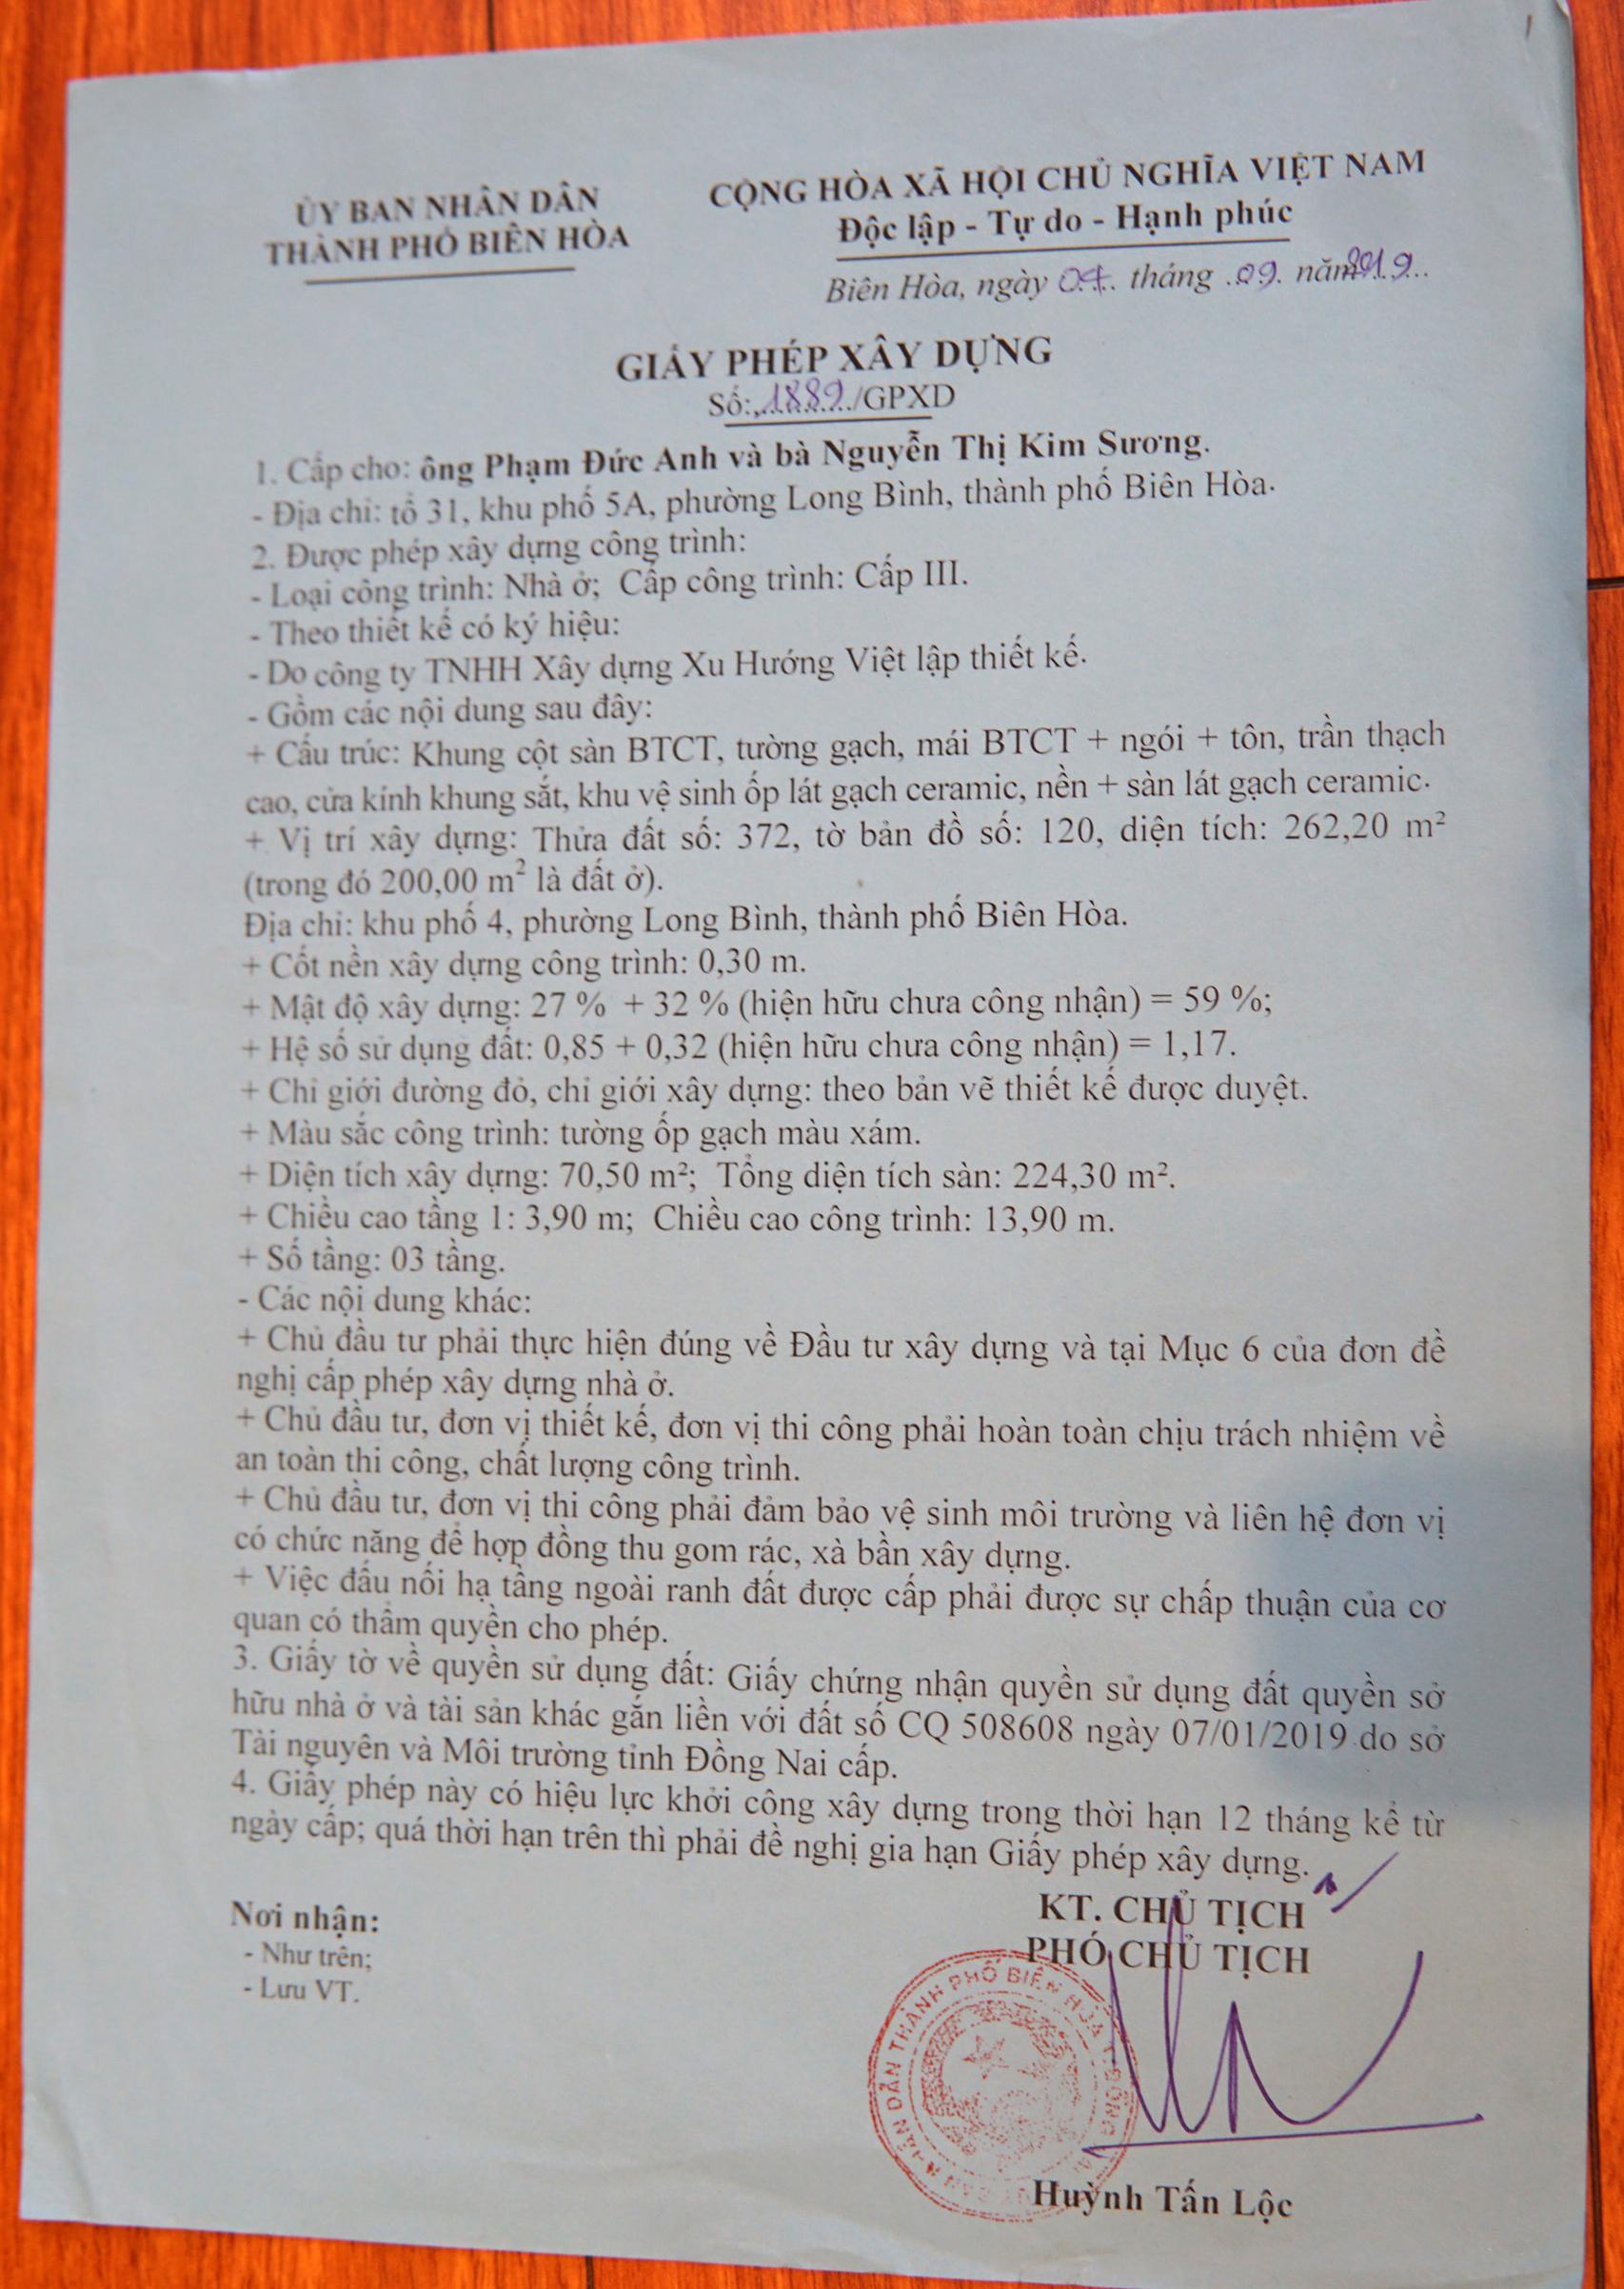 giay xin phep xay dung o bien hoa dong nai Cách Xin Phép Xây Dựng ở Biên Hòa Đồng Nai đi 1 lần đã có giấy hẹn màu xanh